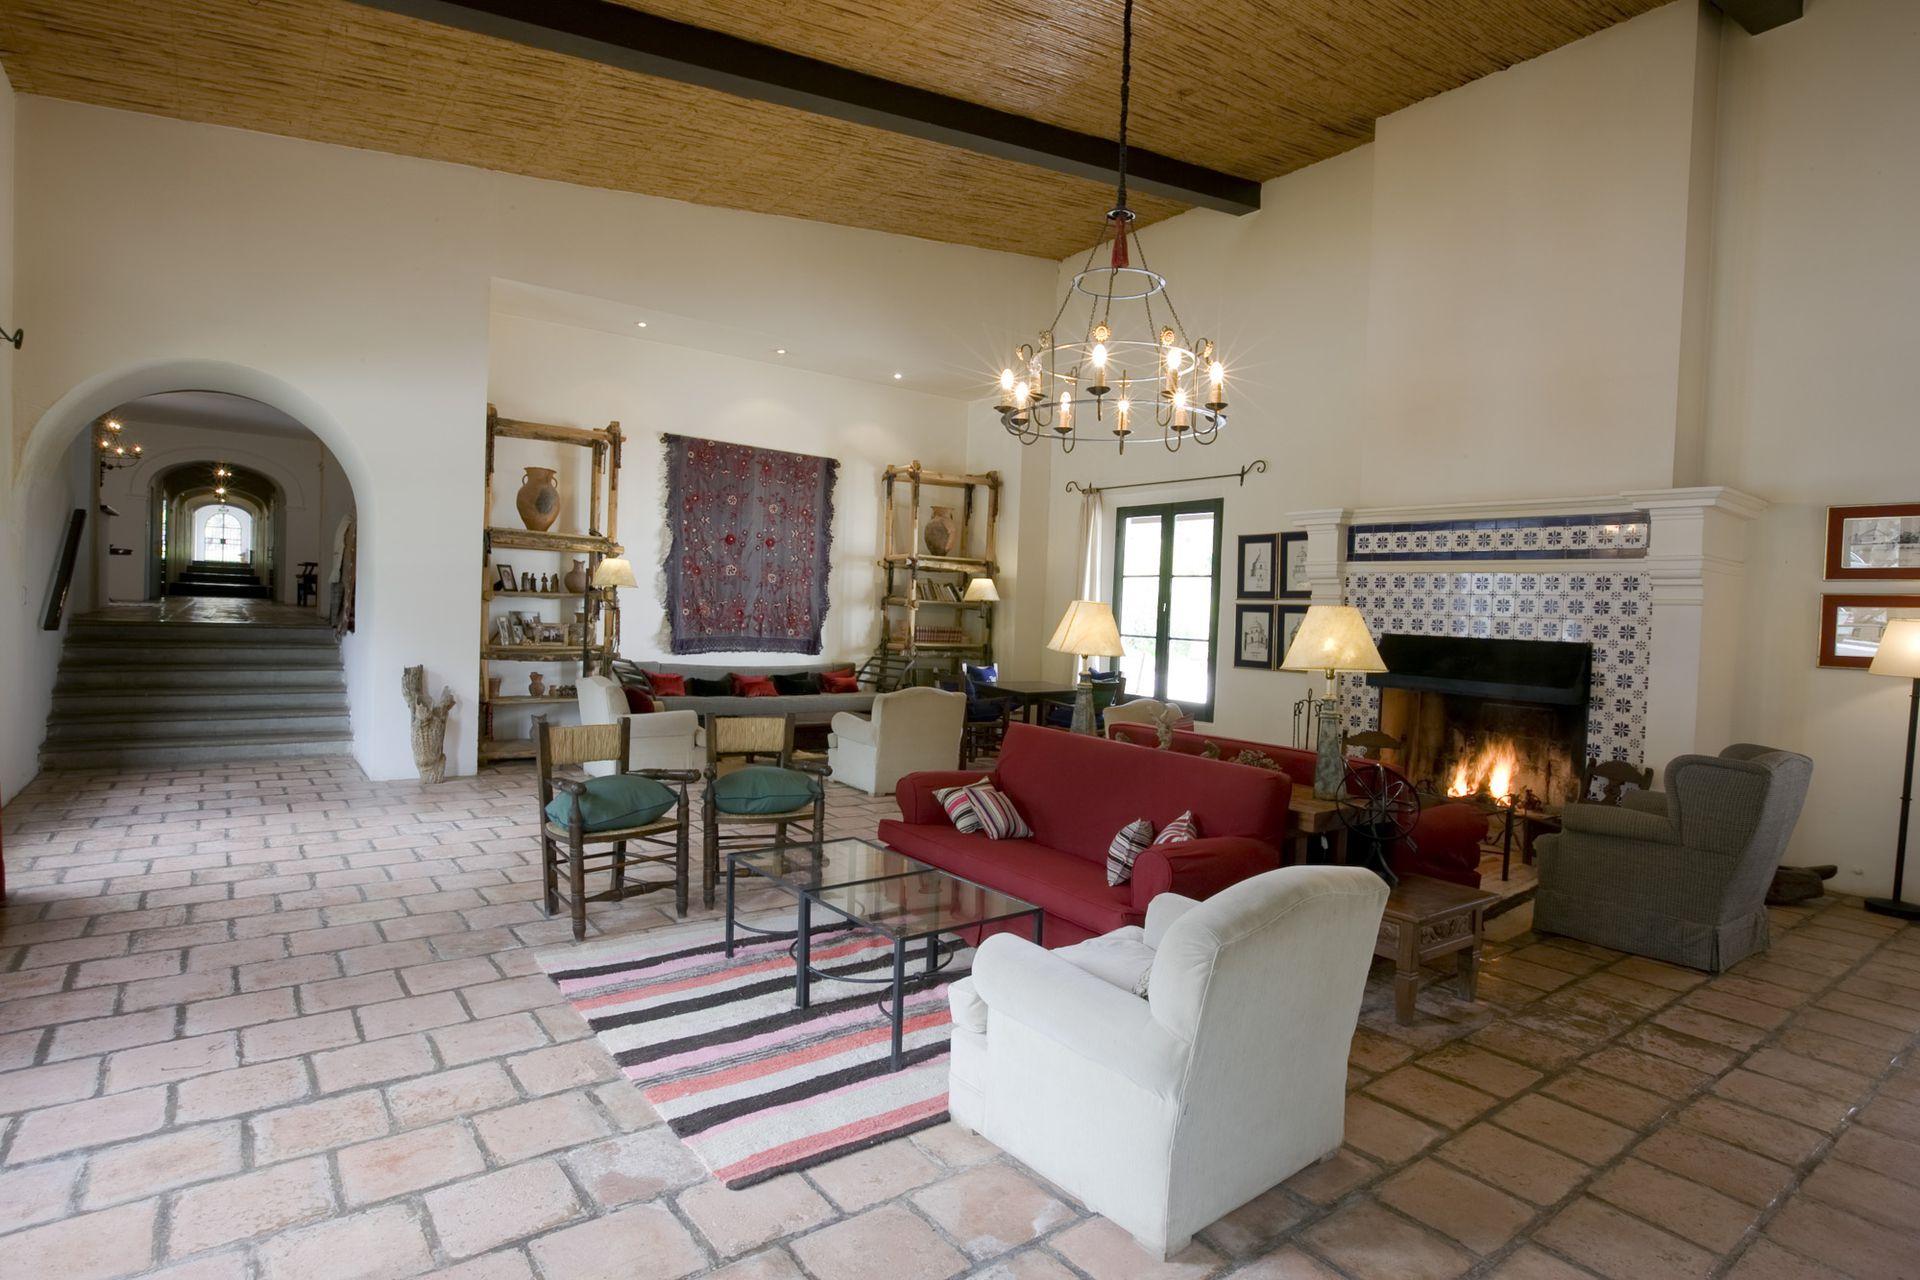 Los interiores recrean la calidez andina en todos su rincones.